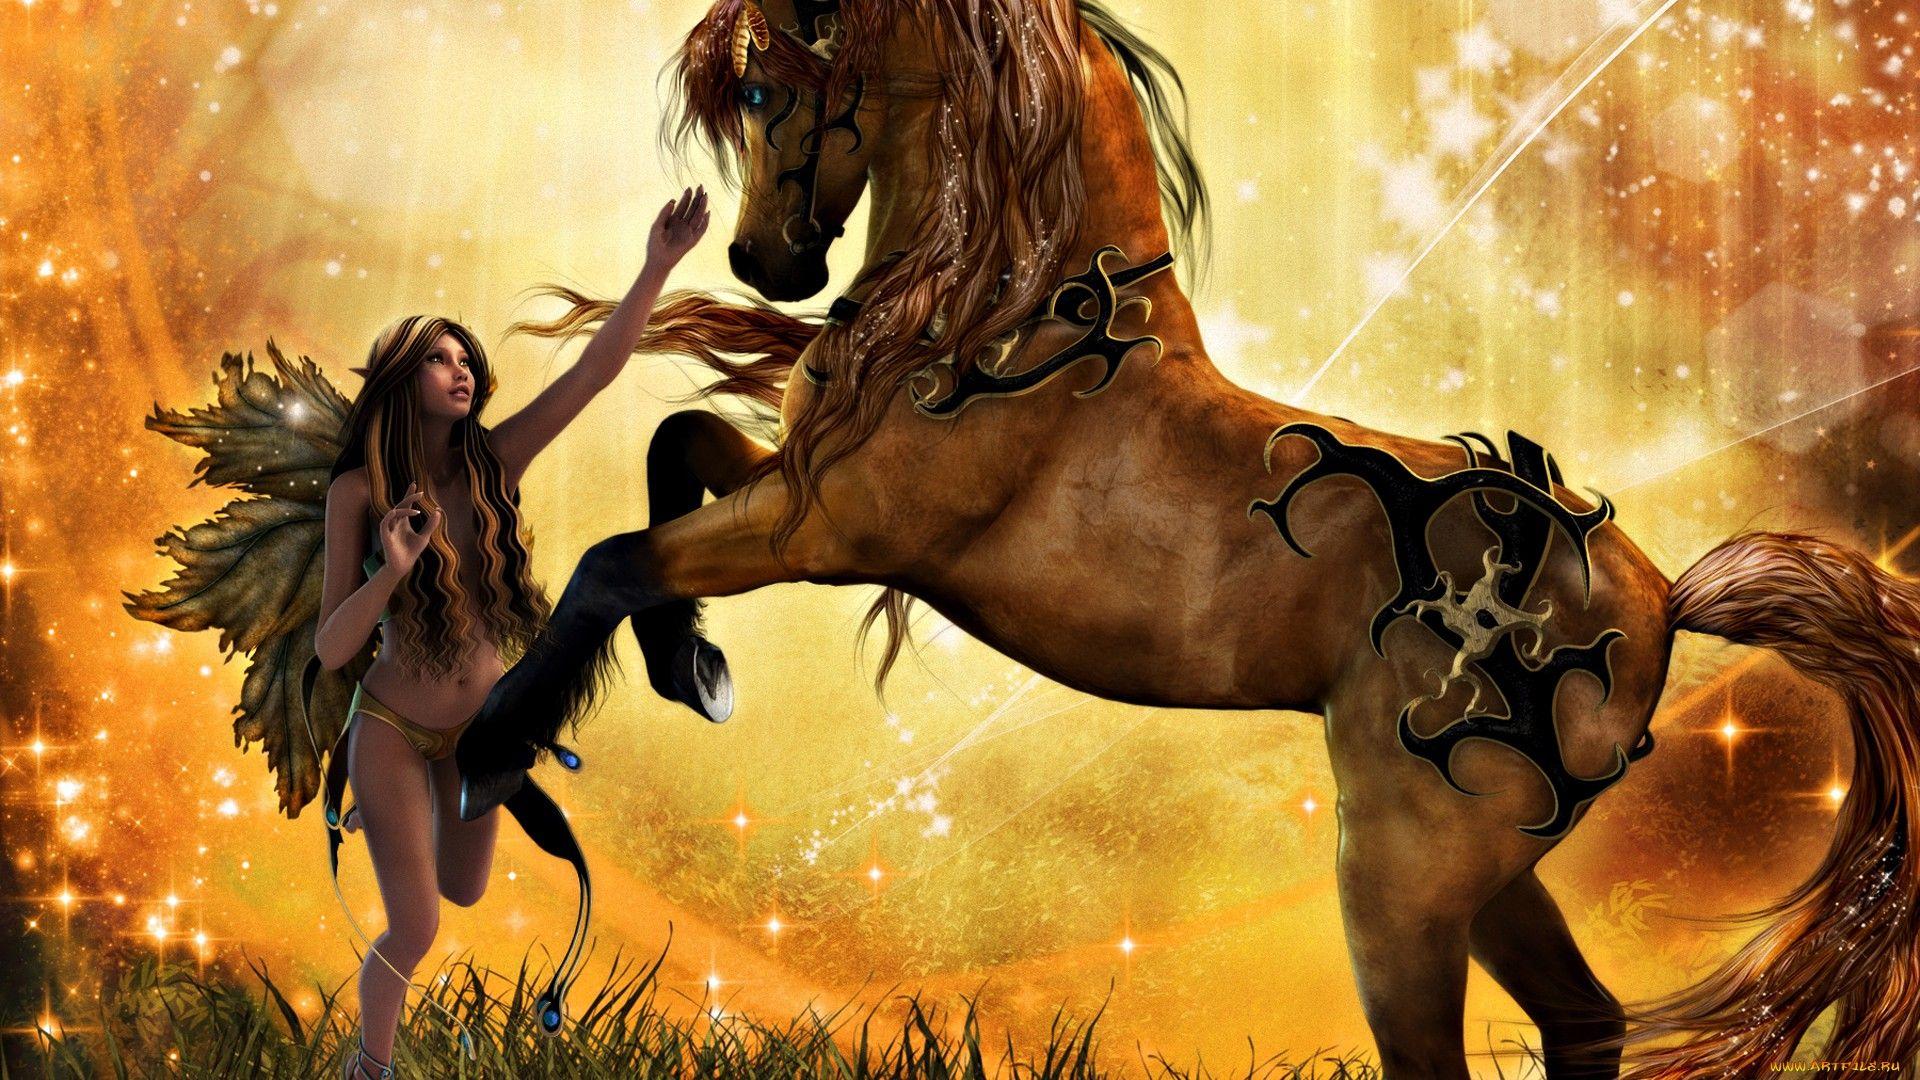 Best Wallpaper Horse Fairy - 3f1d7d0036add29d2b37635e5b4939bb  HD_363626.jpg